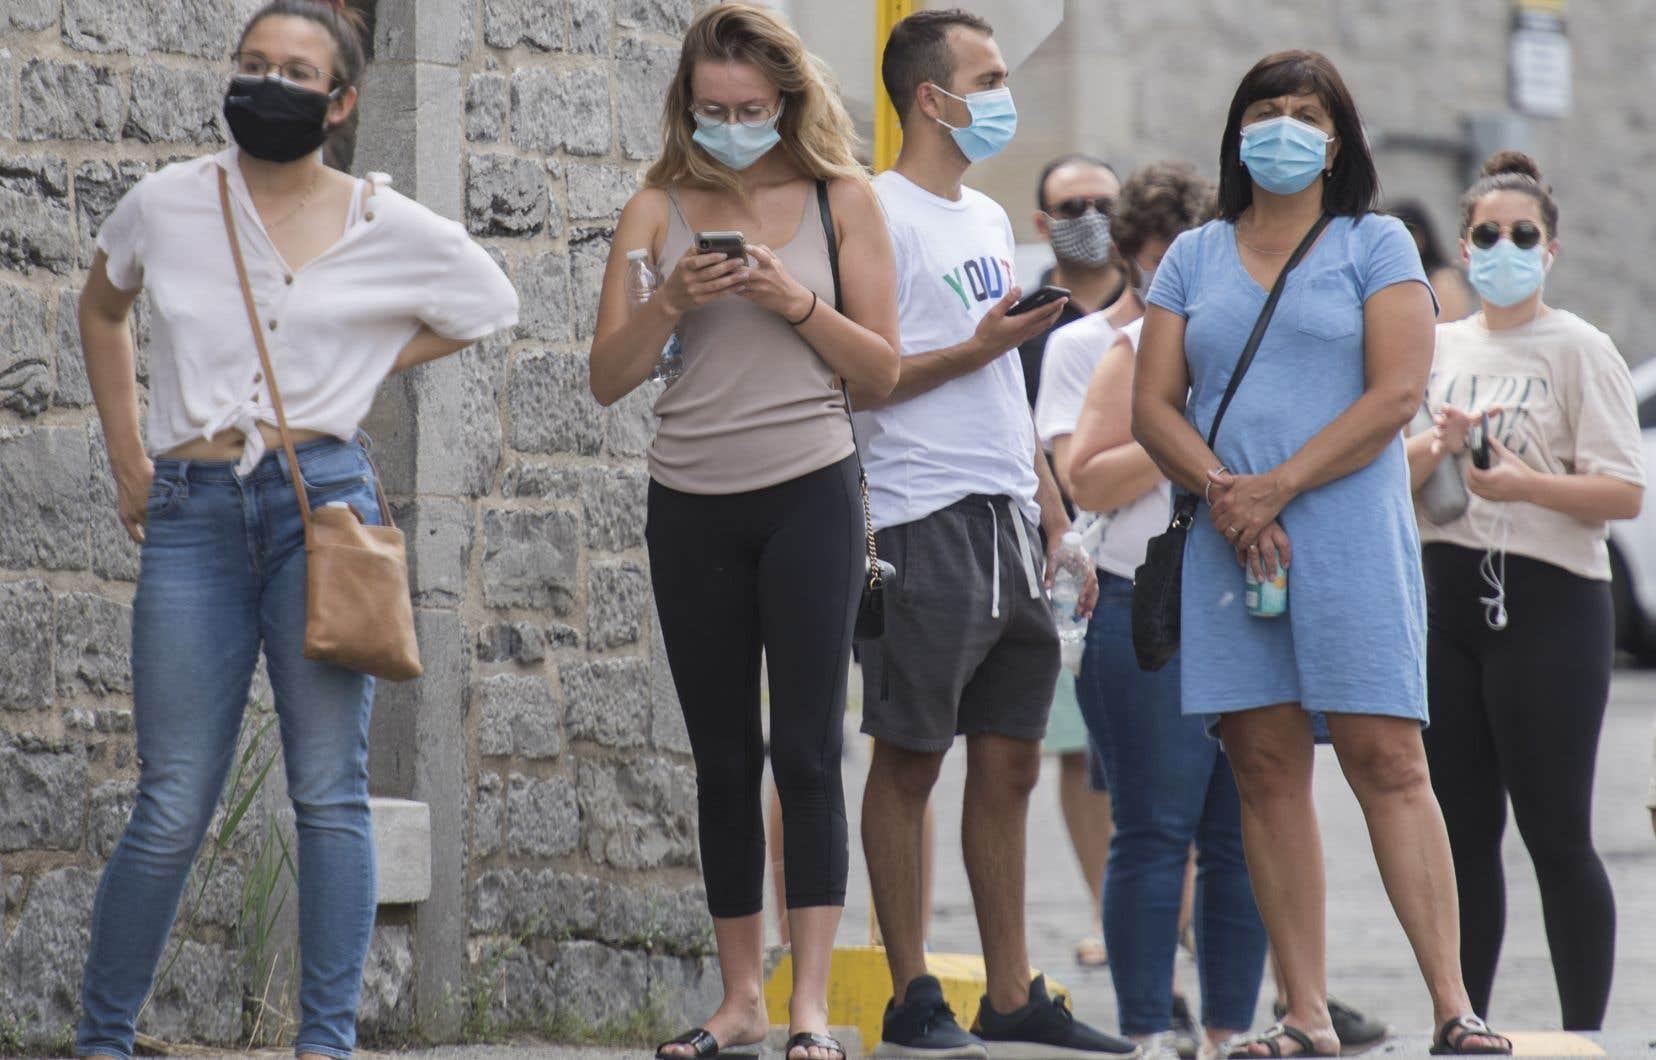 Des citoyens font la file pour se faire tester à la COVID-19 à Montréal, dimanche.